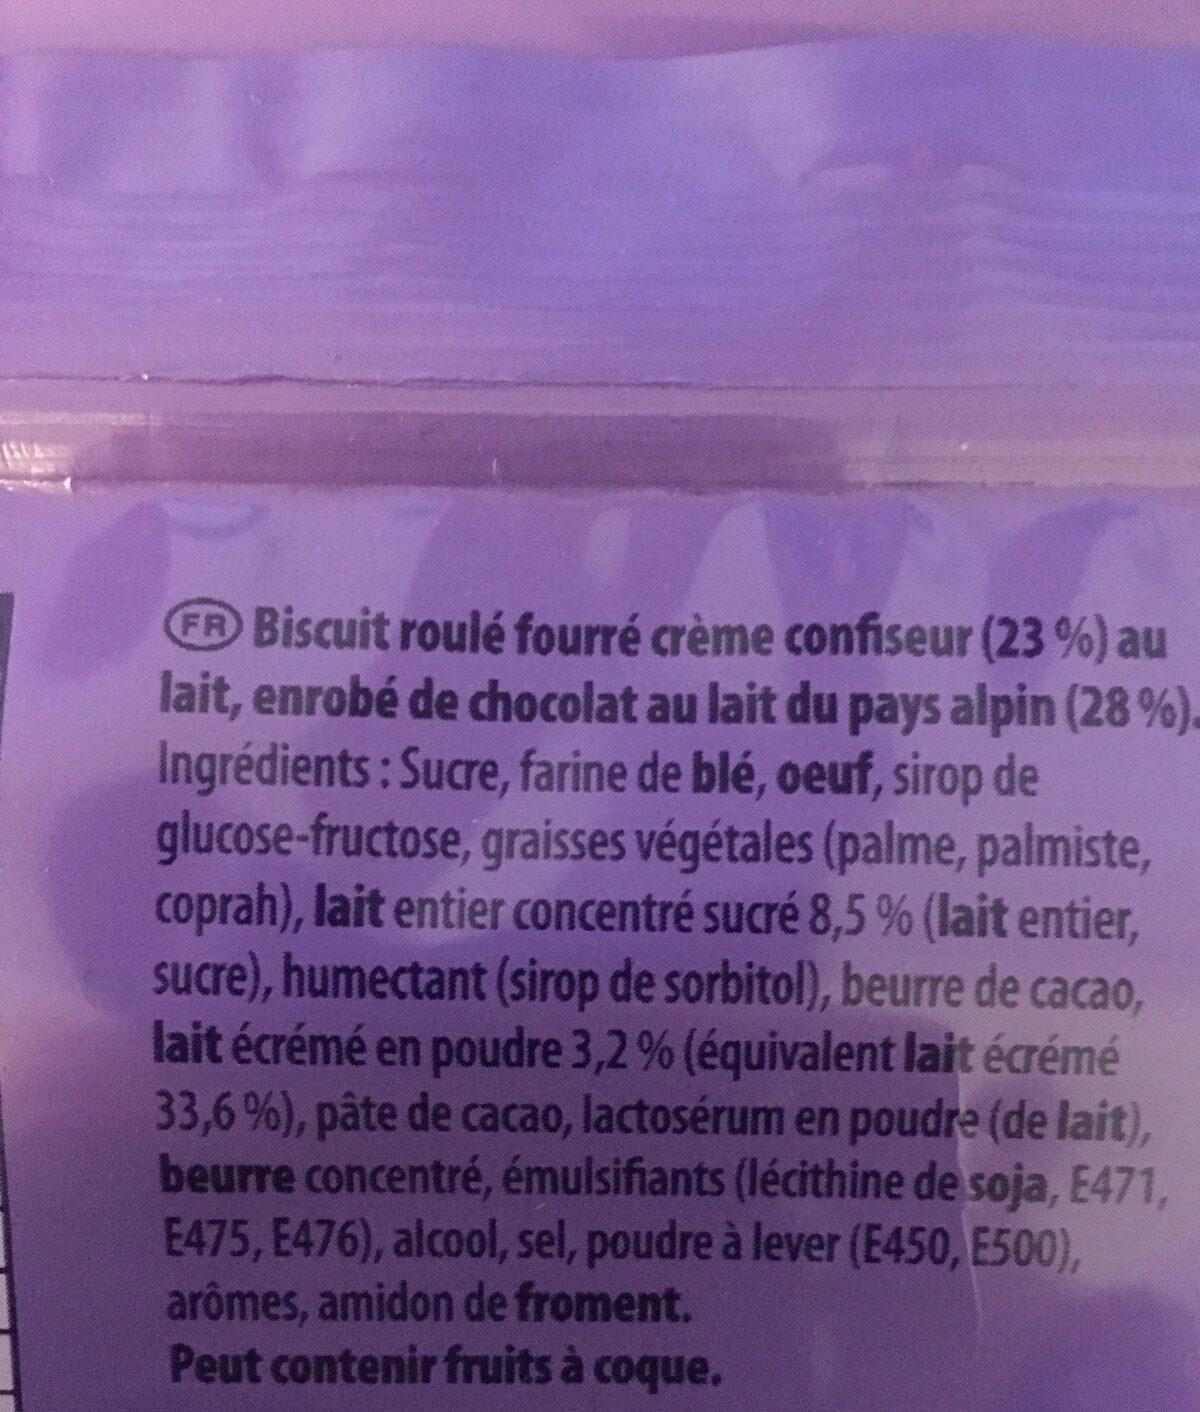 Milka tender roll - Ingredients - fr